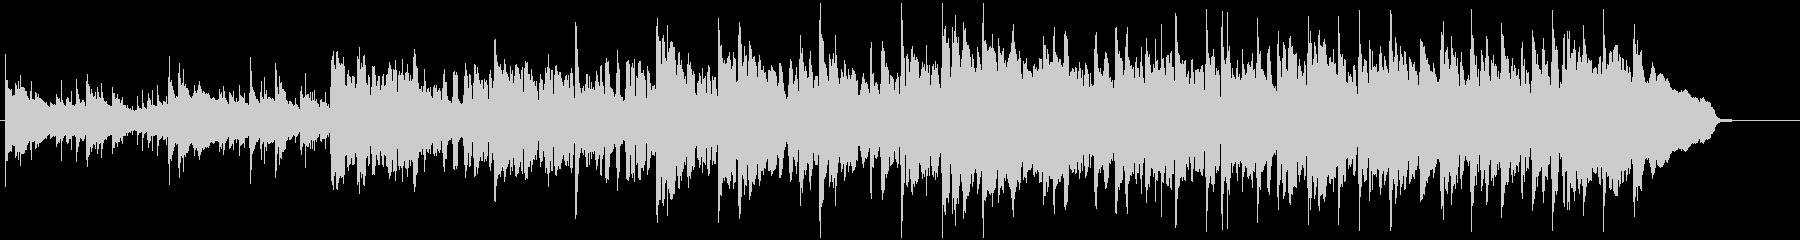 生ティンホイッスルとバイオリンのケルト曲の未再生の波形